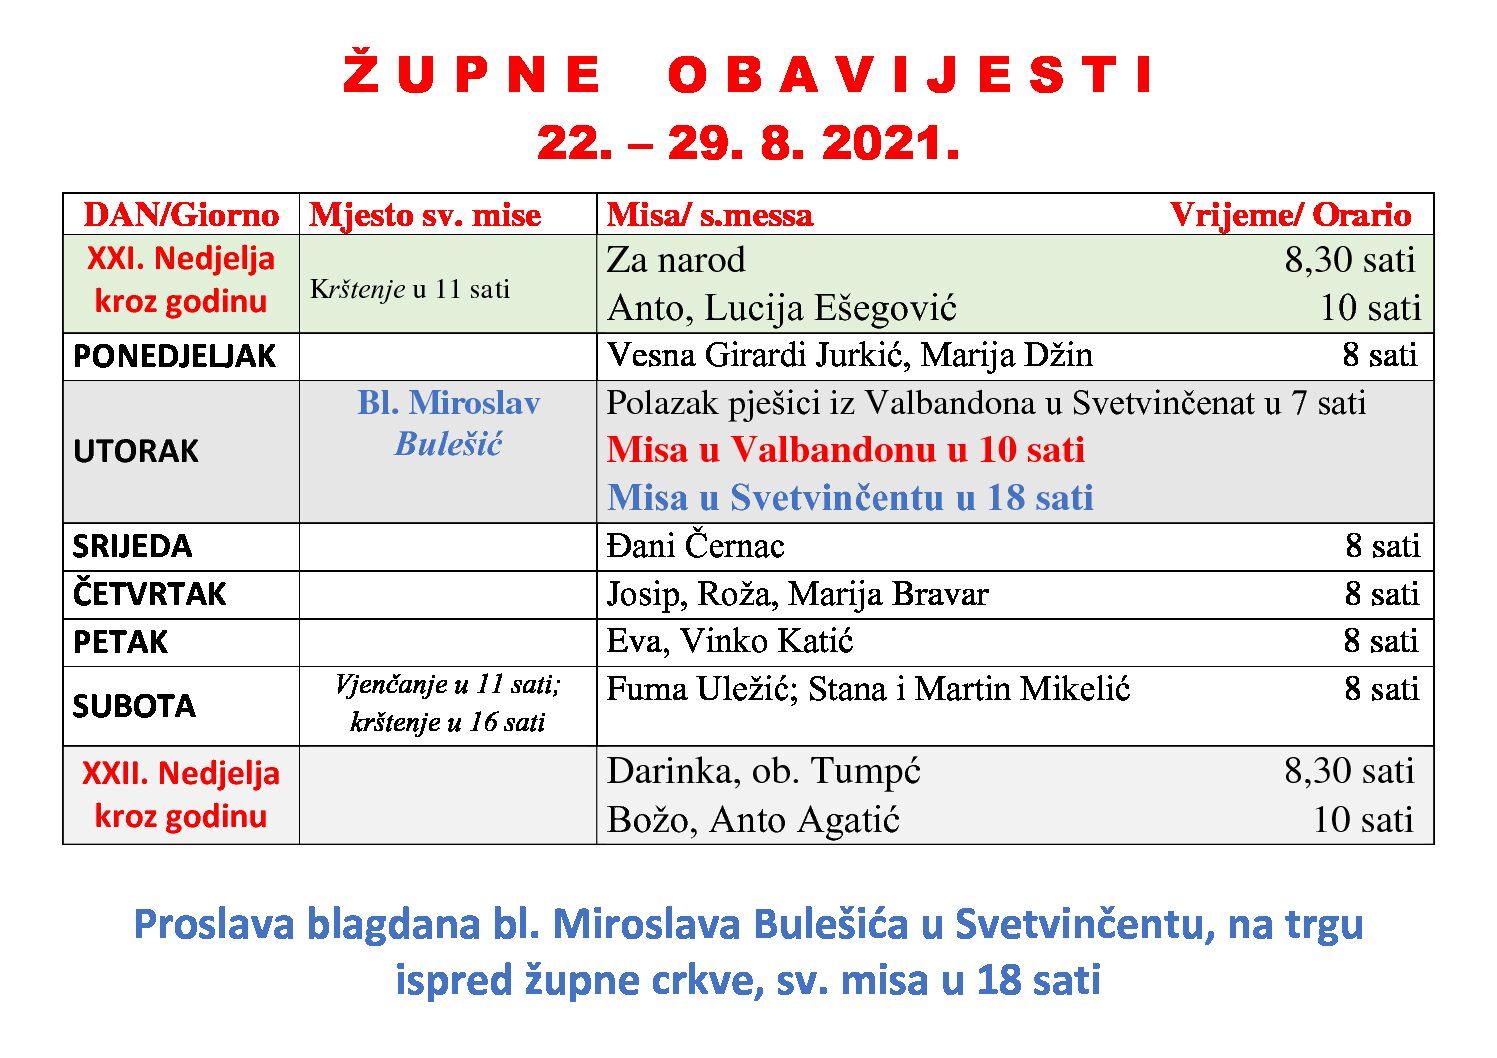 Župne obavijesti 22.-29.8.2021.